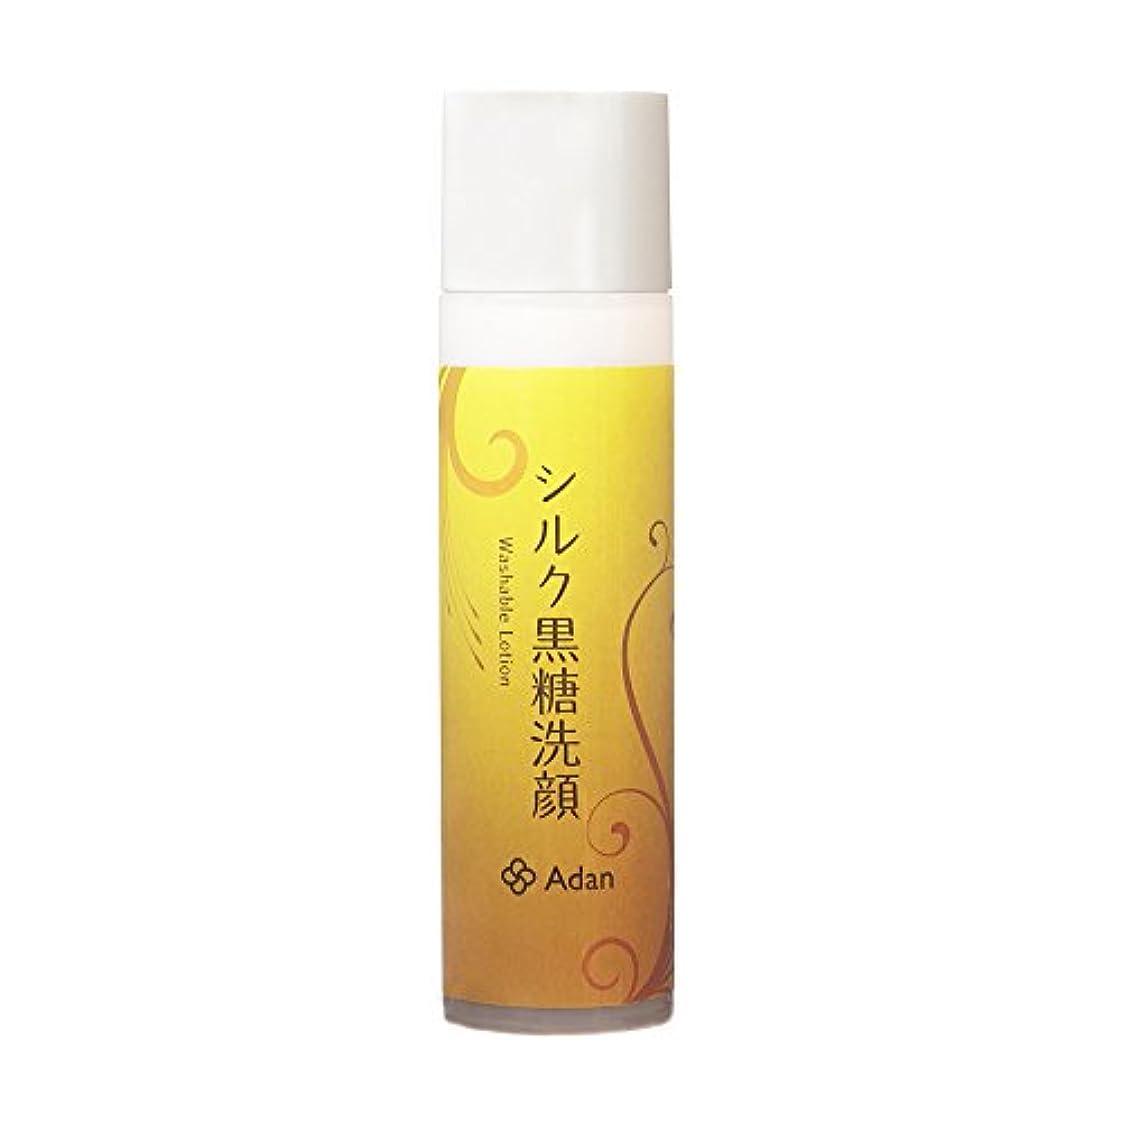 コールド振幅移行するAdan(アーダン) シルク黒糖洗顔(ウォッシャブルローション) 120ml